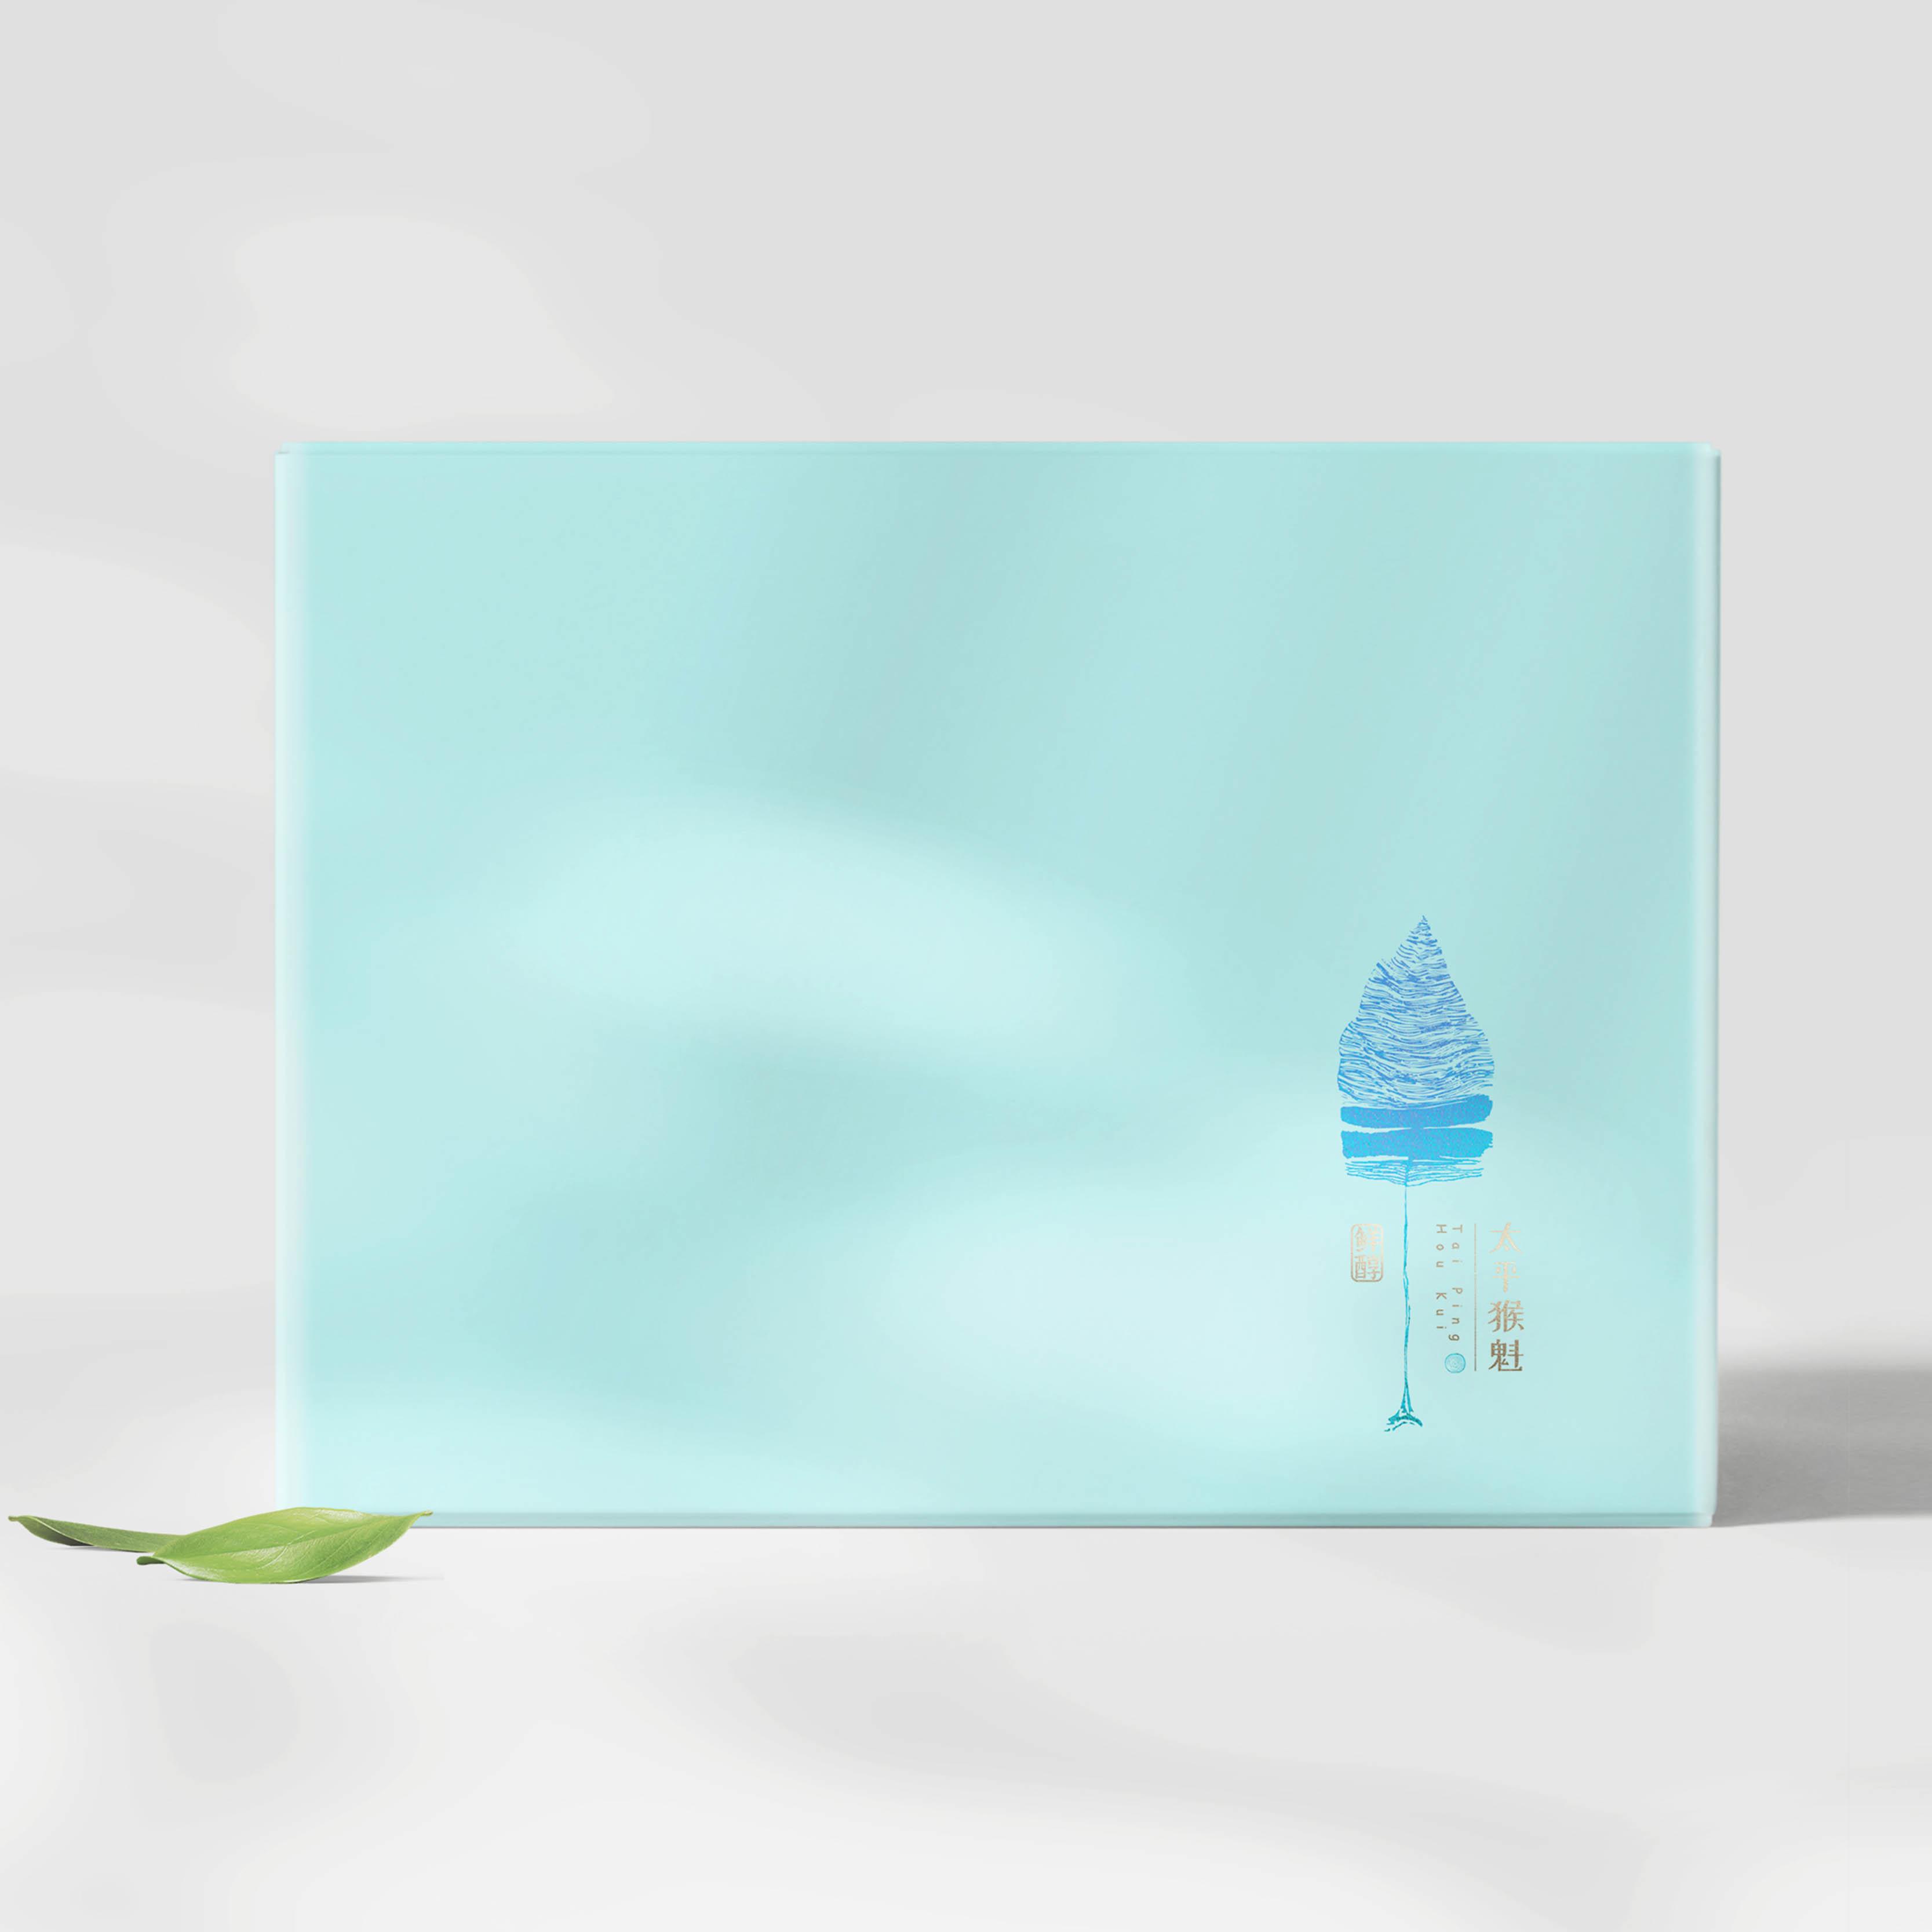 太平猴魁食品包裝盒設計